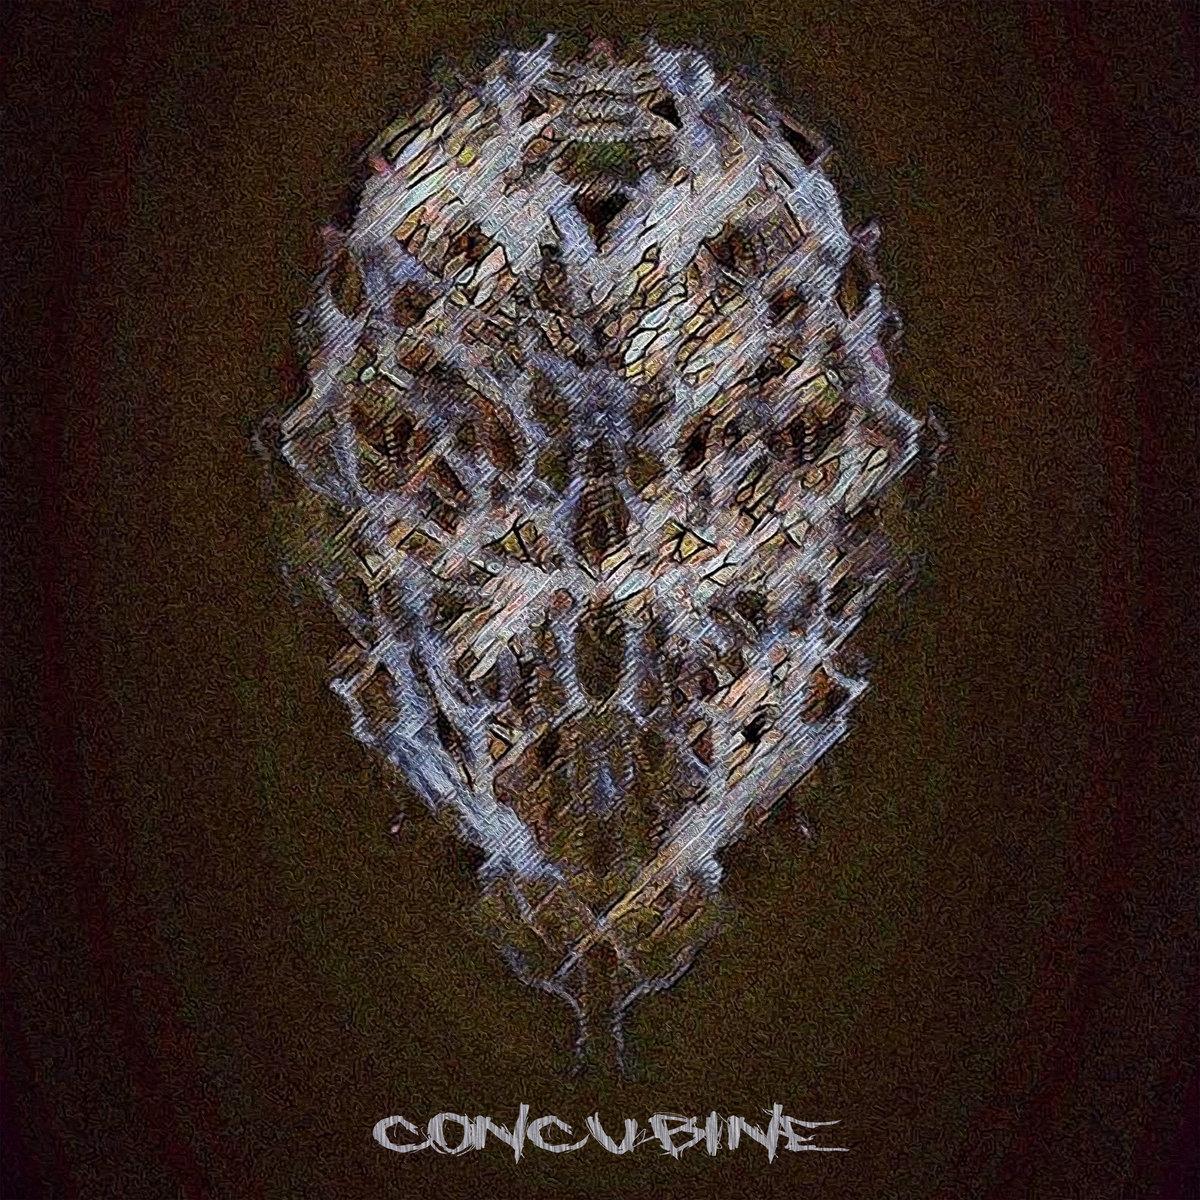 Concubine (KILURX Remix) by Project Juggernaut